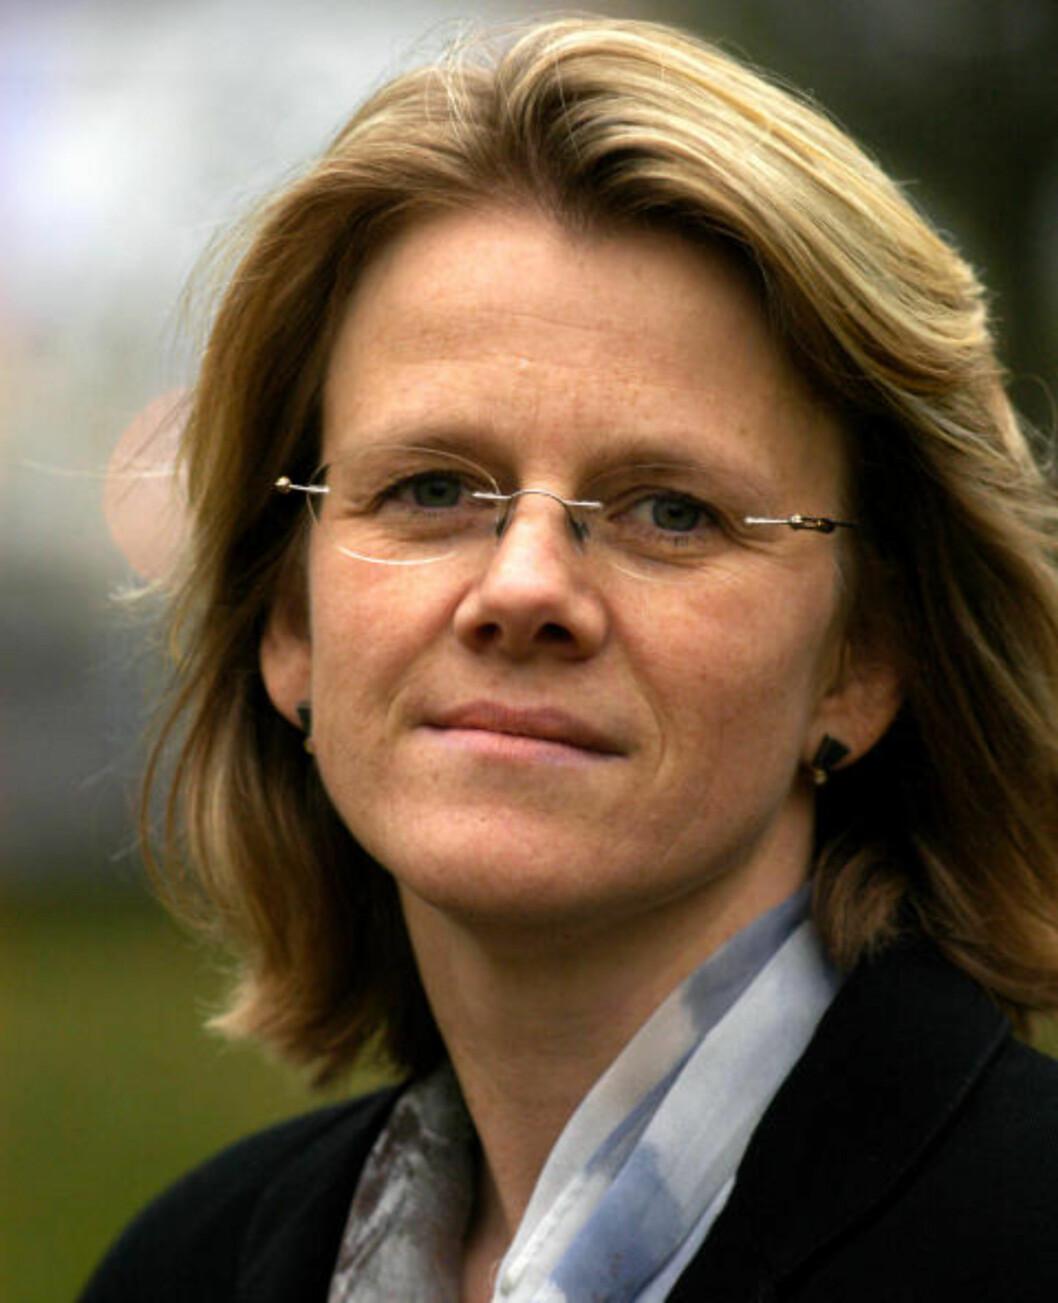 <strong>KRITISERER POLITIKERNE:</strong> Professor Hilde Bjørnland kritiserer amerikanske og europeiske politikere for manglende gjennomføringsevne. Det gjør at vi kan stå overfor en ny alvorlig situasjon i verdensøkonomien. Foto: BI